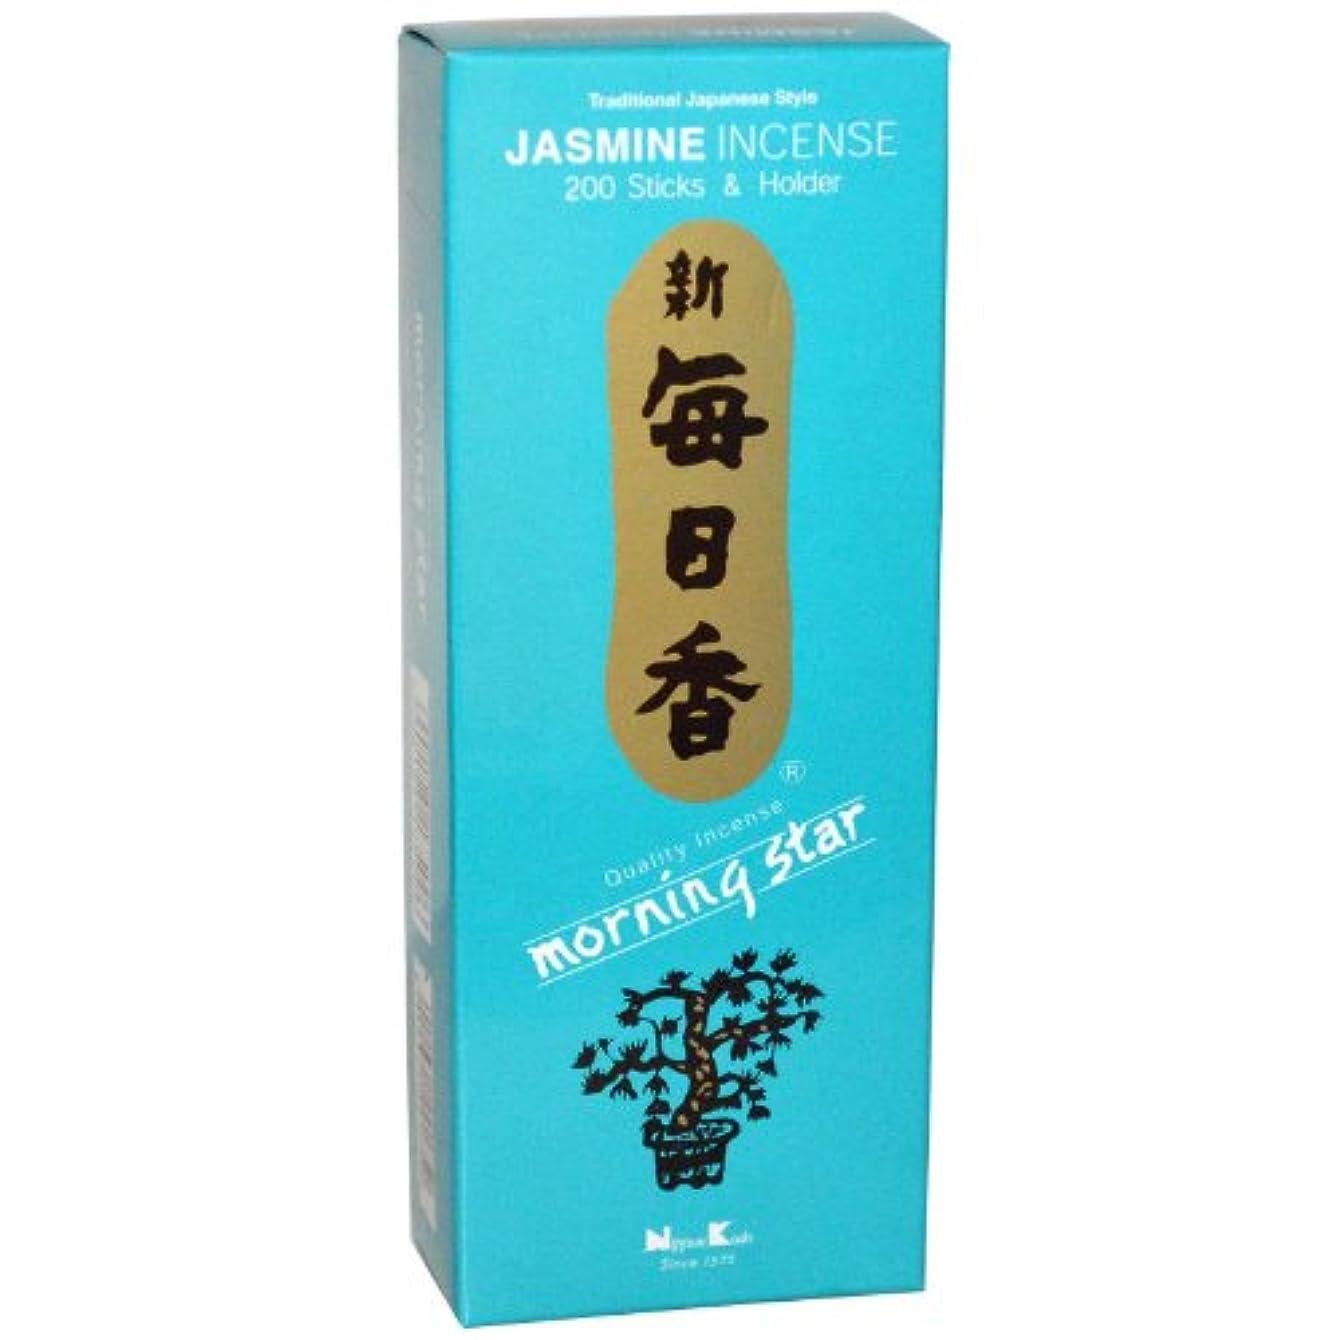 グリップ受取人シーフードNippon Kodo, Morning Star, Jasmine Incense, 200 Sticks & Holder